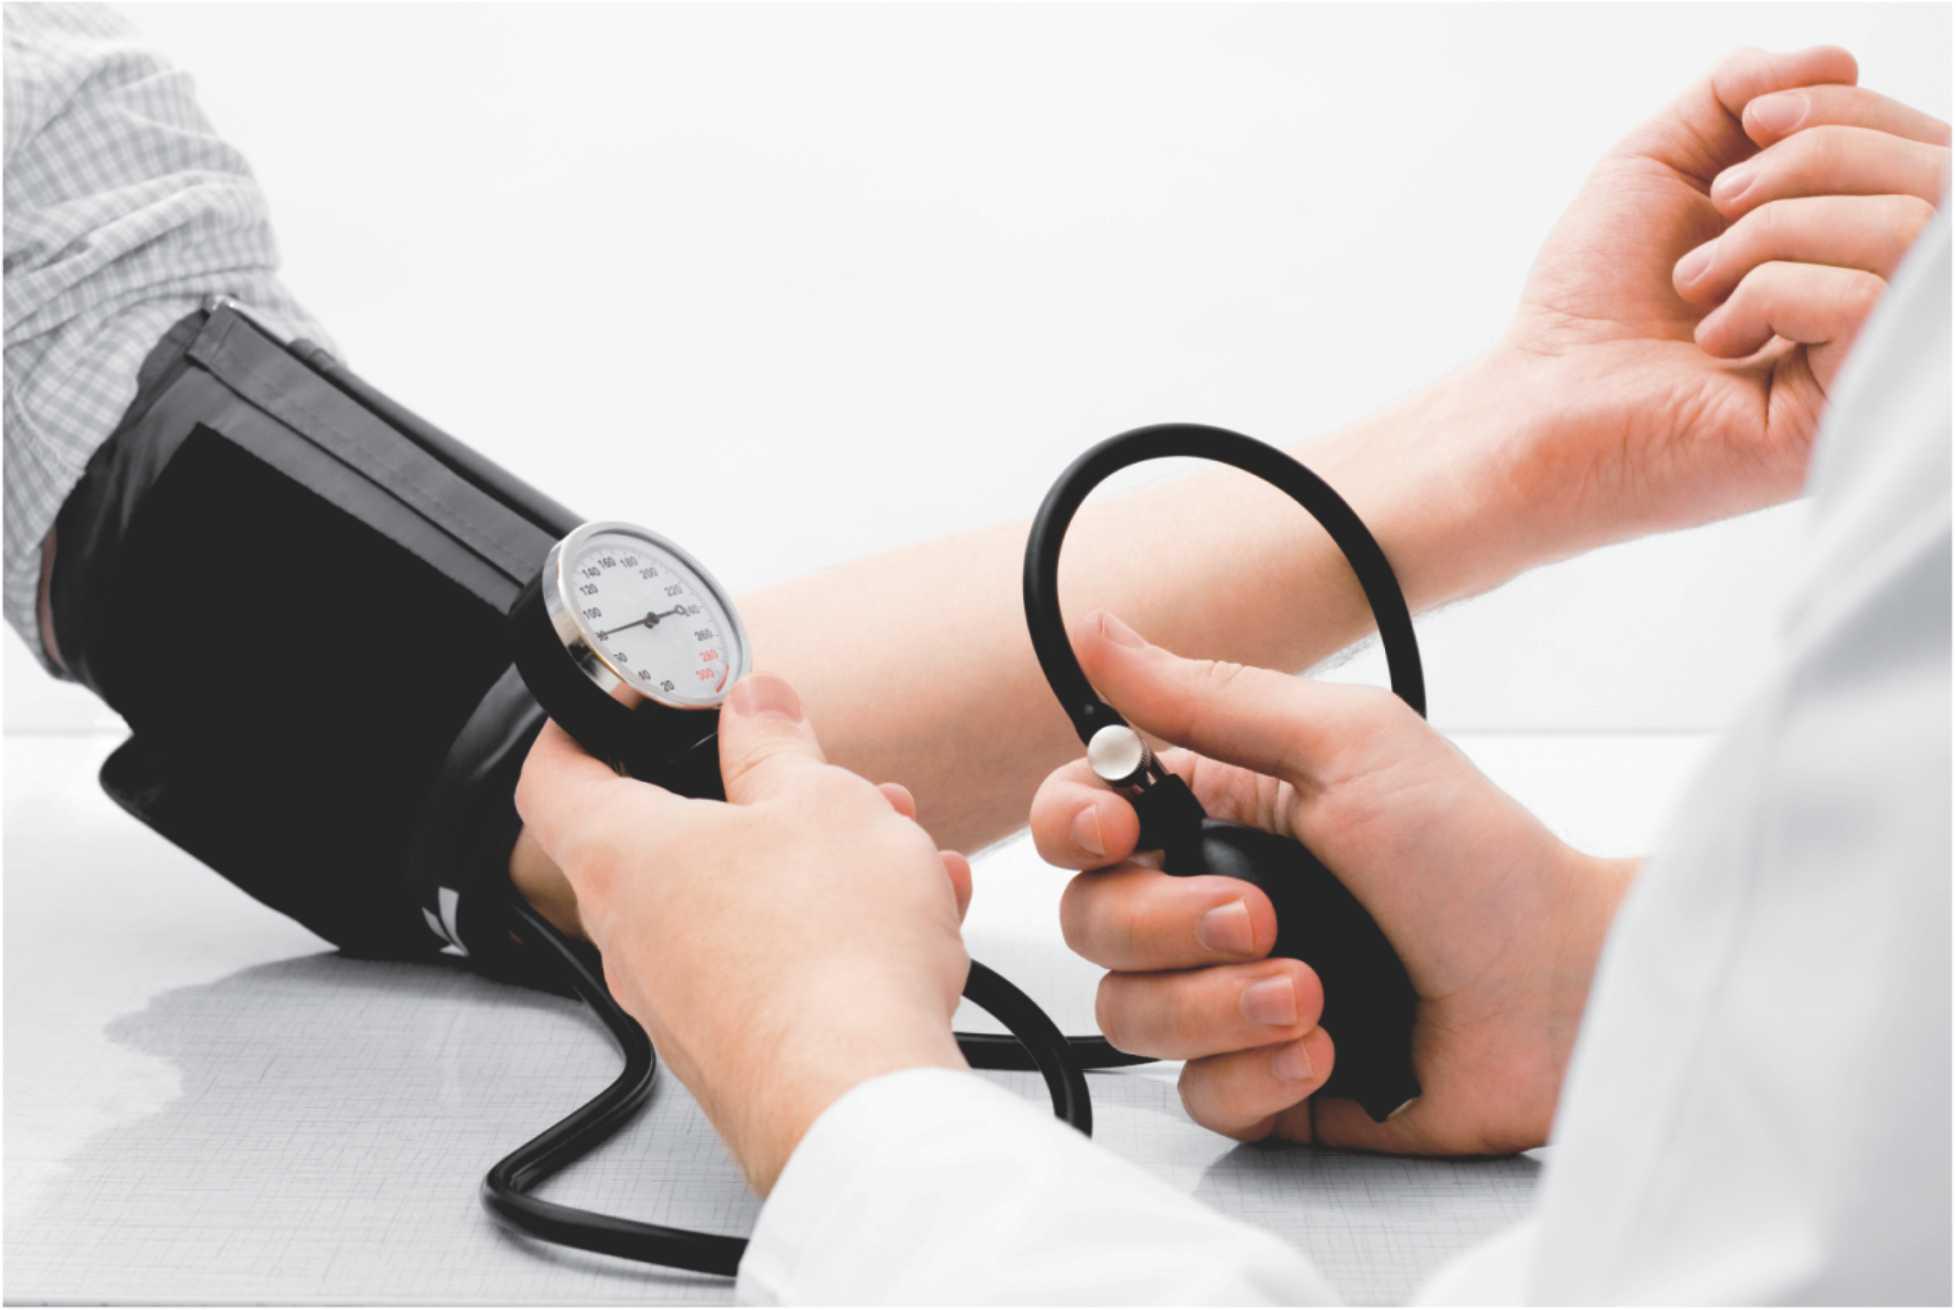 Prefeitura de Goiânia divulga edital para contratação de profissinais da saúde | Foto: Secretaria Municipal de Saúde